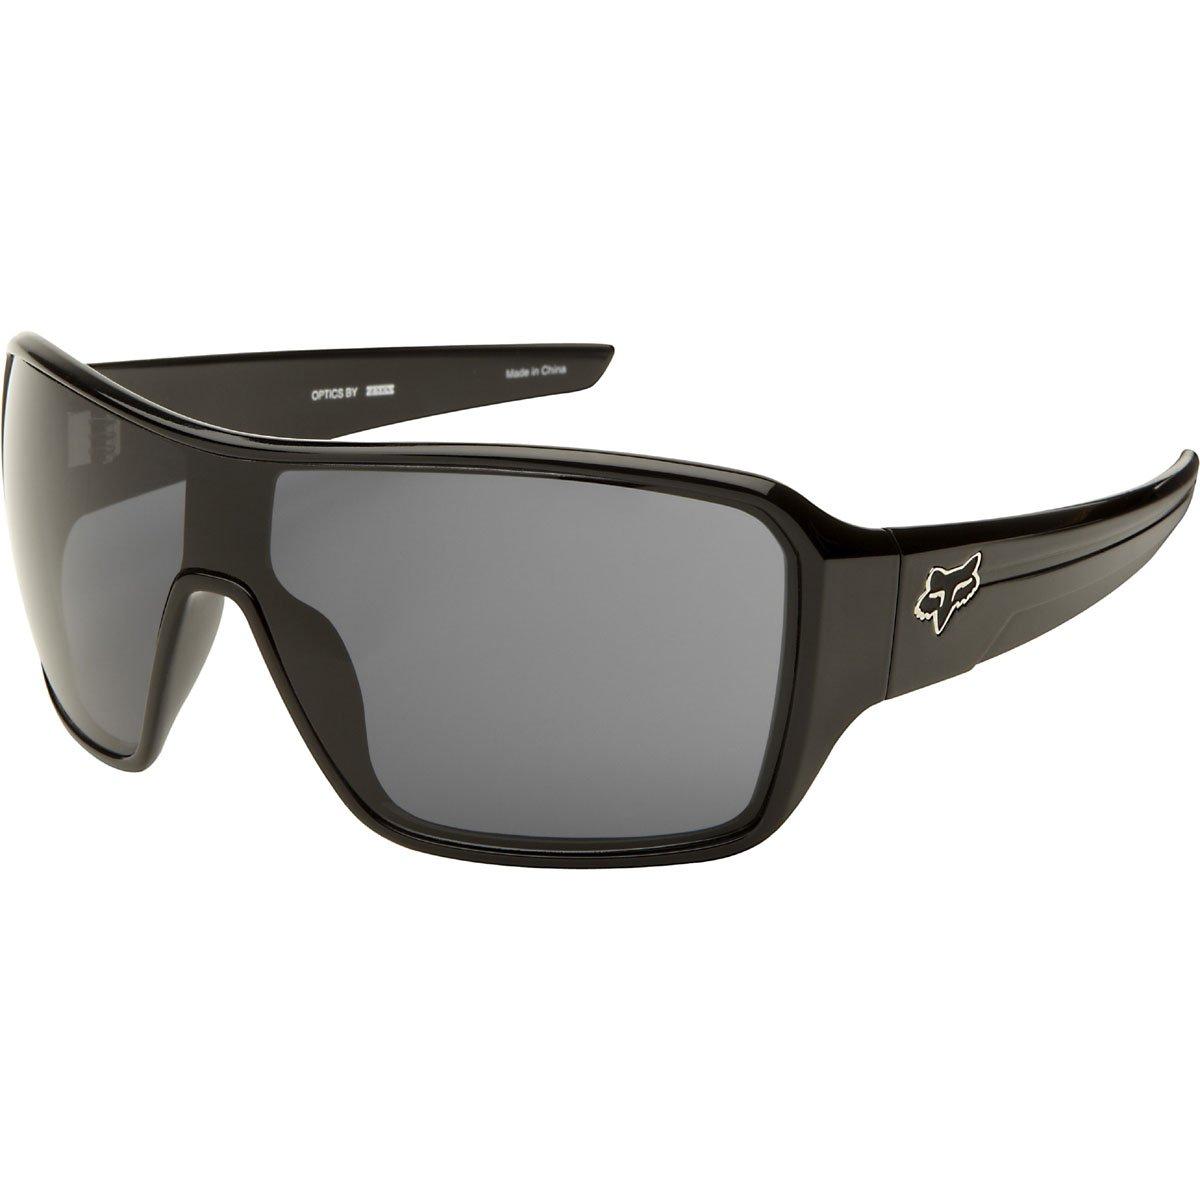 Fox The Super Duncan escudo gafas de sol: Amazon.es: Coche y ...